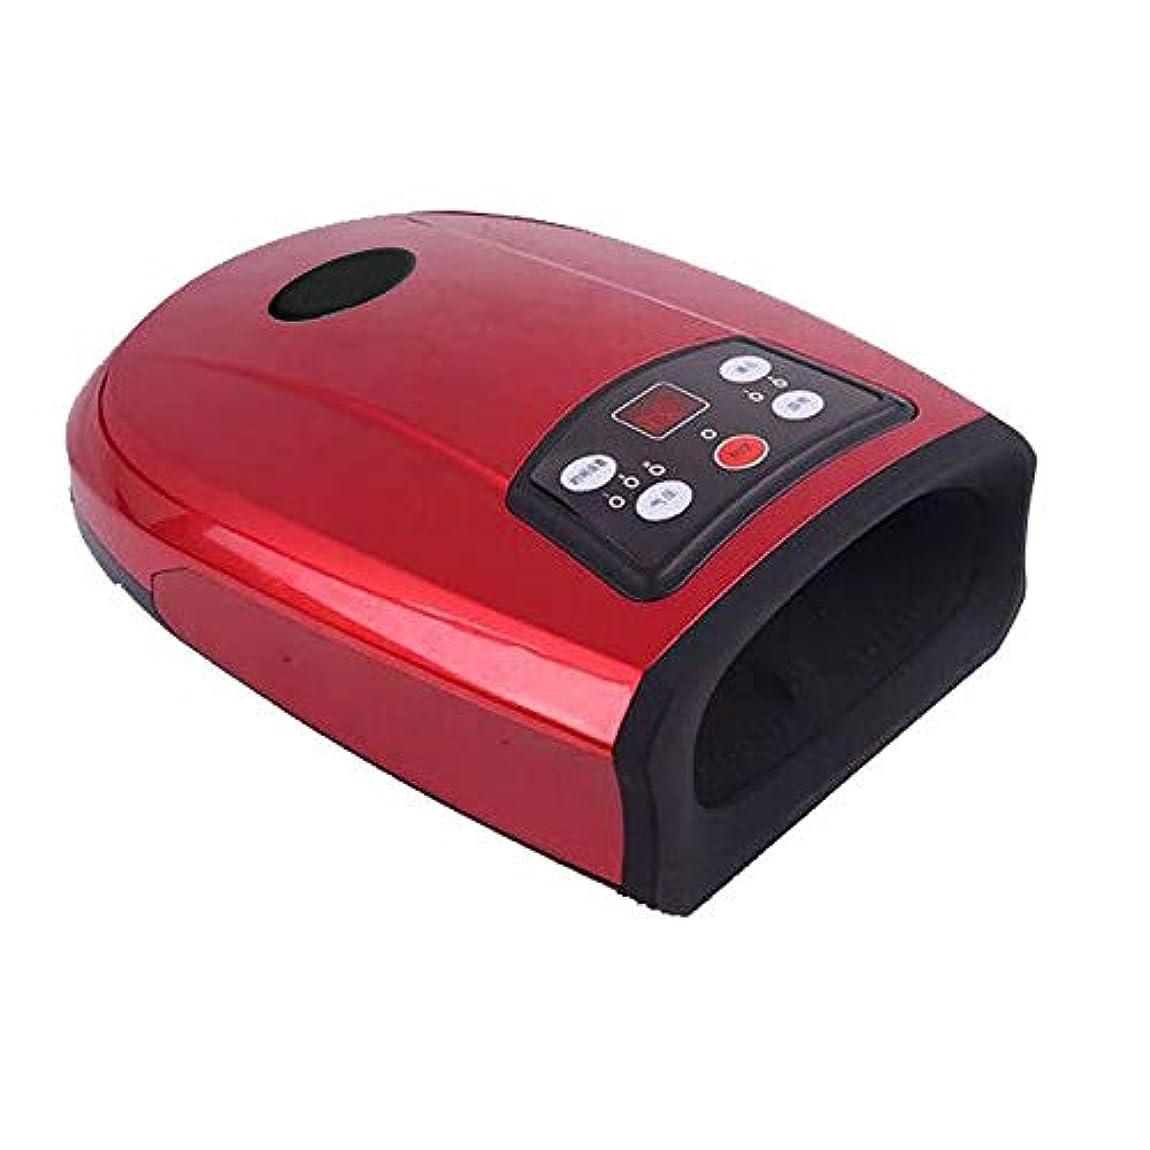 競争力のあるルアー下品指のための空気圧熱圧縮装置が付いている指圧のやし手のマッサージ緊張のしびれの救助および血の循環の加速,Red